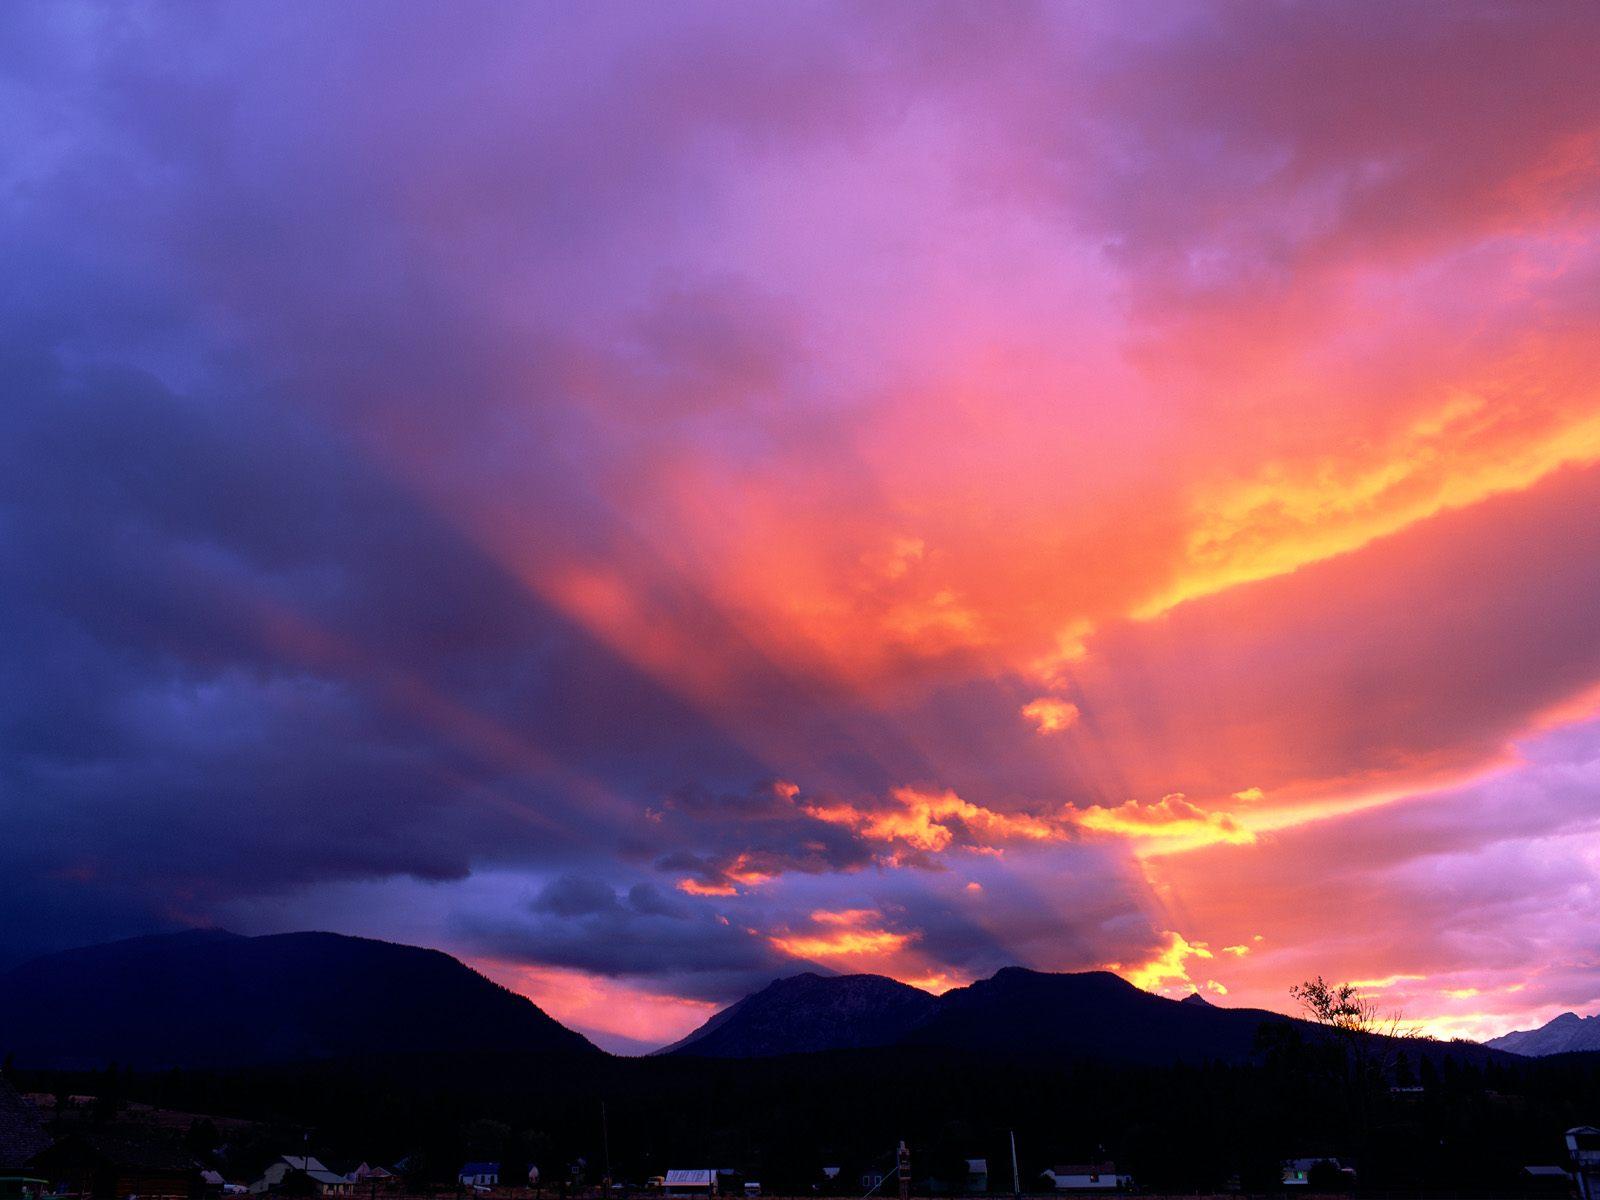 http://1.bp.blogspot.com/_lZ0PjAyUf4I/S9aWHLvoBLI/AAAAAAAADjg/DT8pJRYS5t0/s1600/cloud%2B(2).jpg